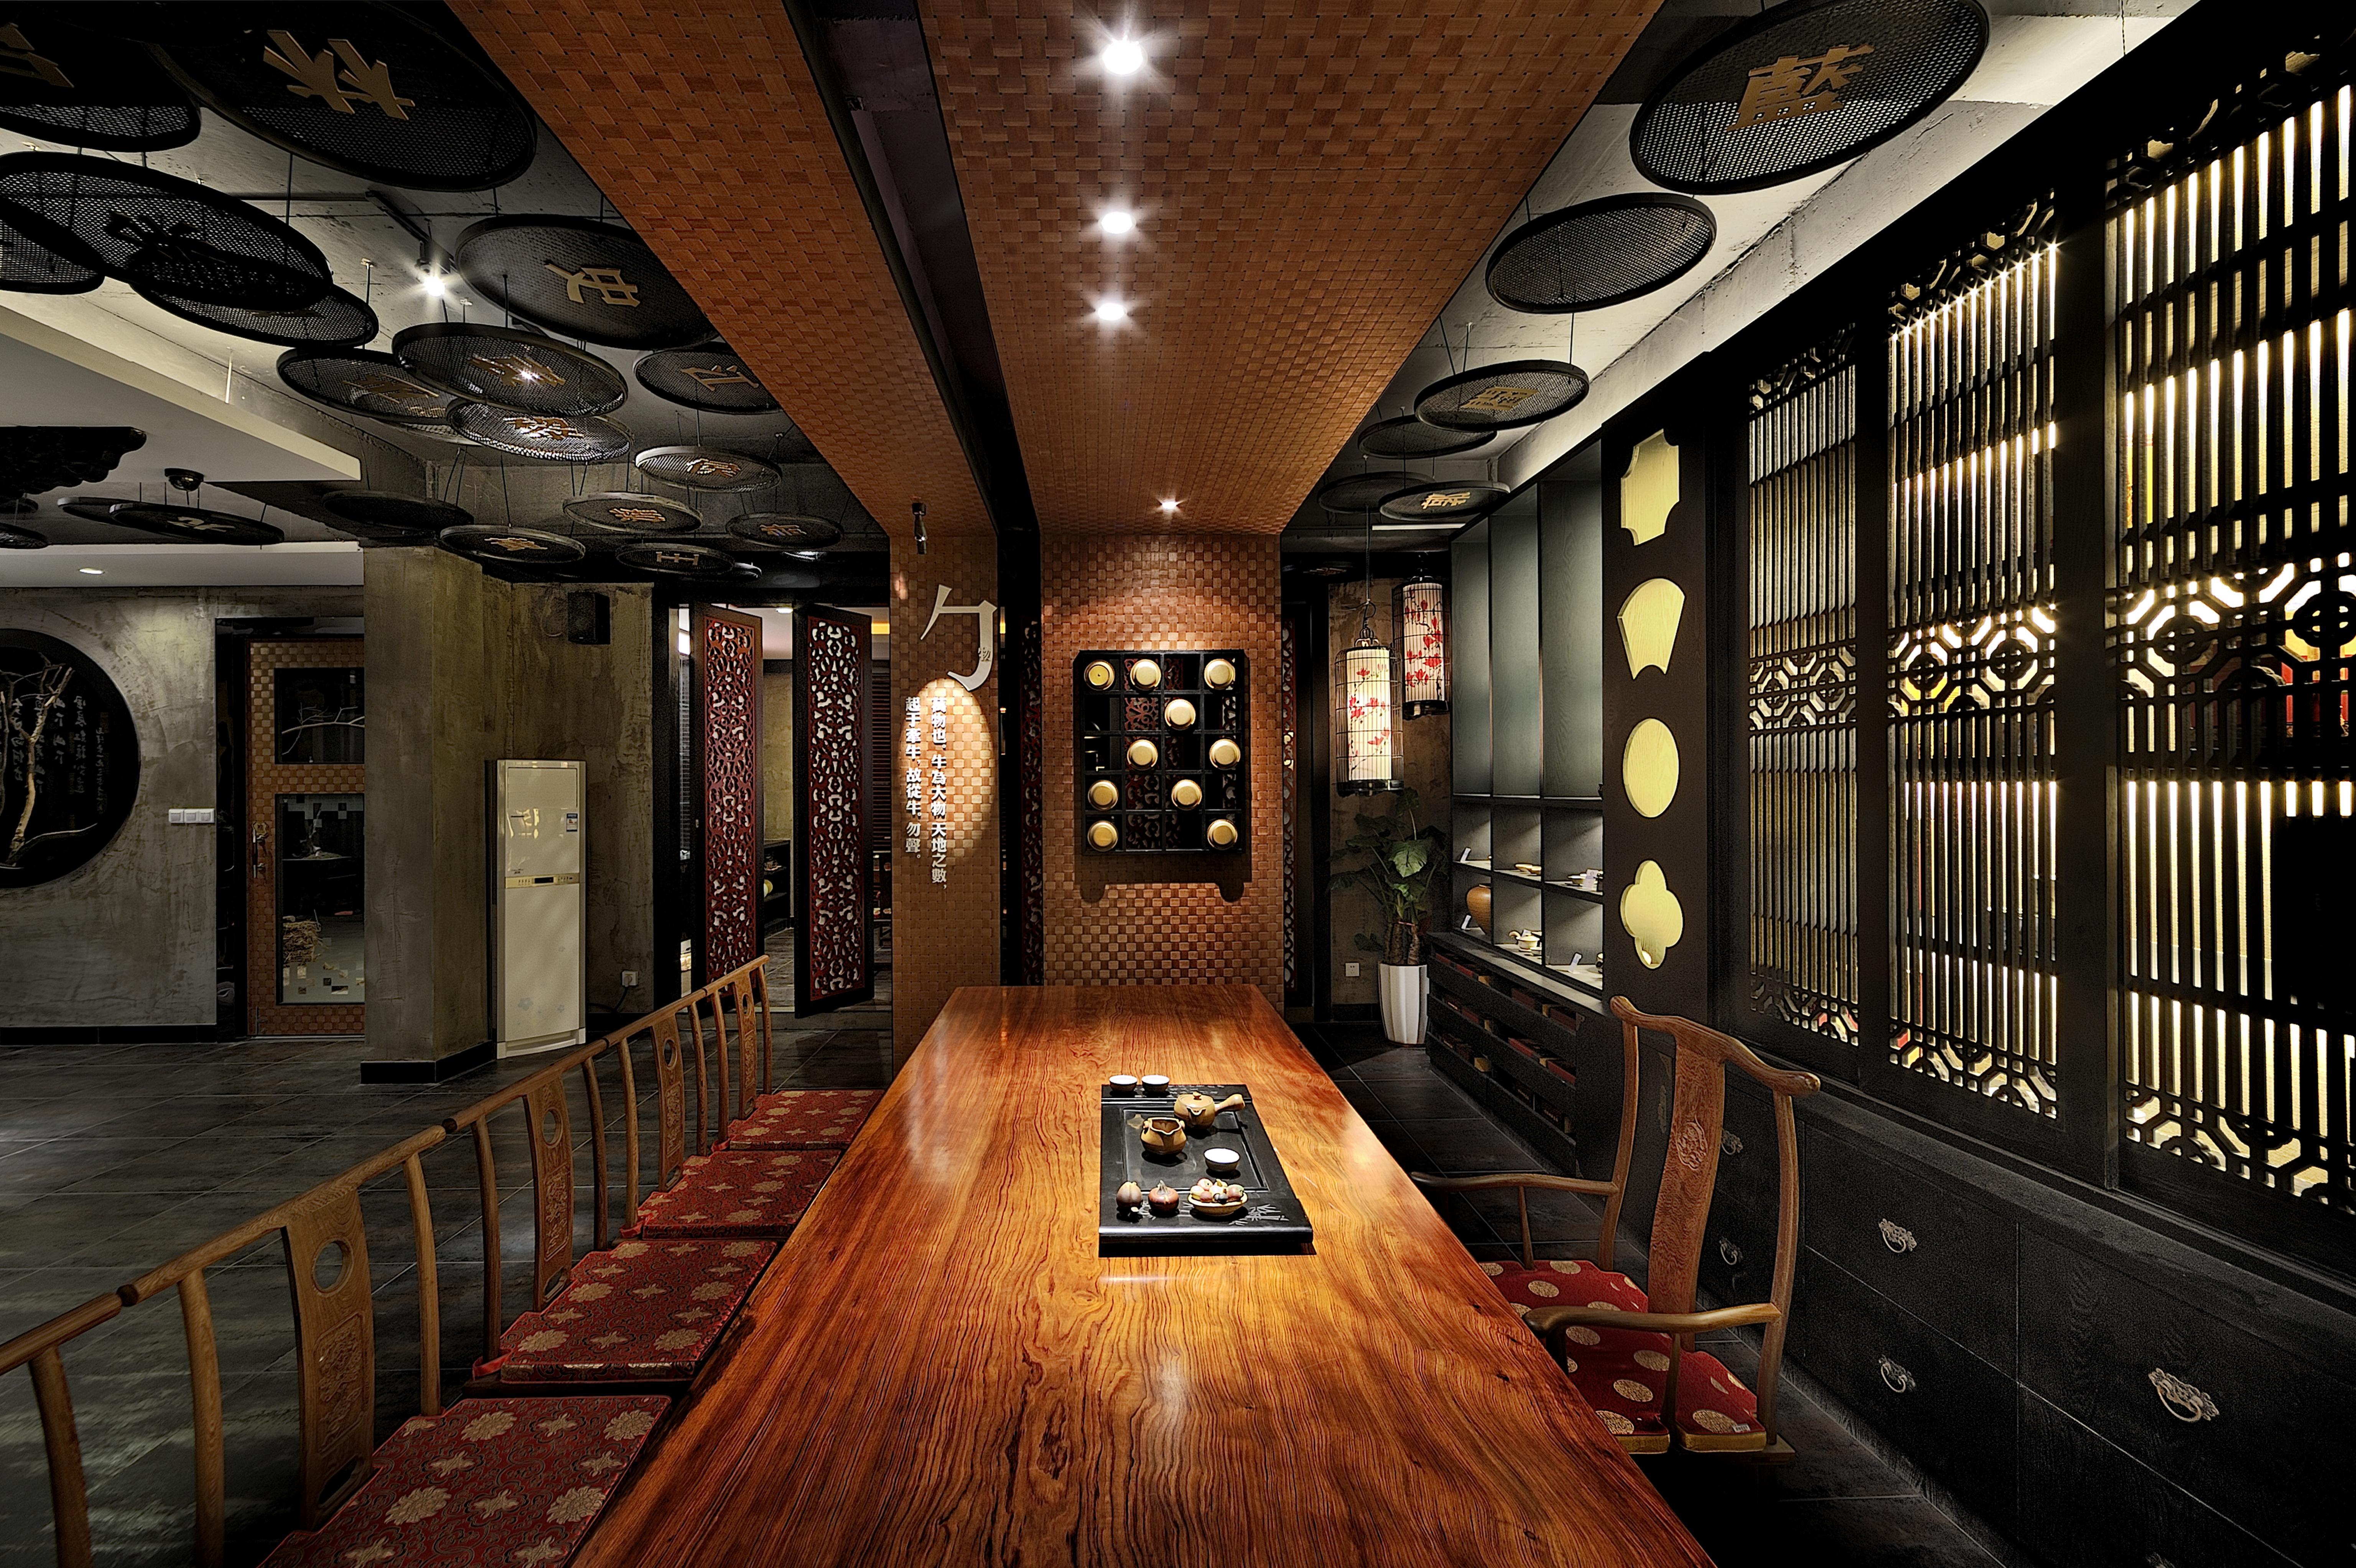 印象客家装修图片; 印象客家餐饮设计; 福州印象客家庭院景观设计